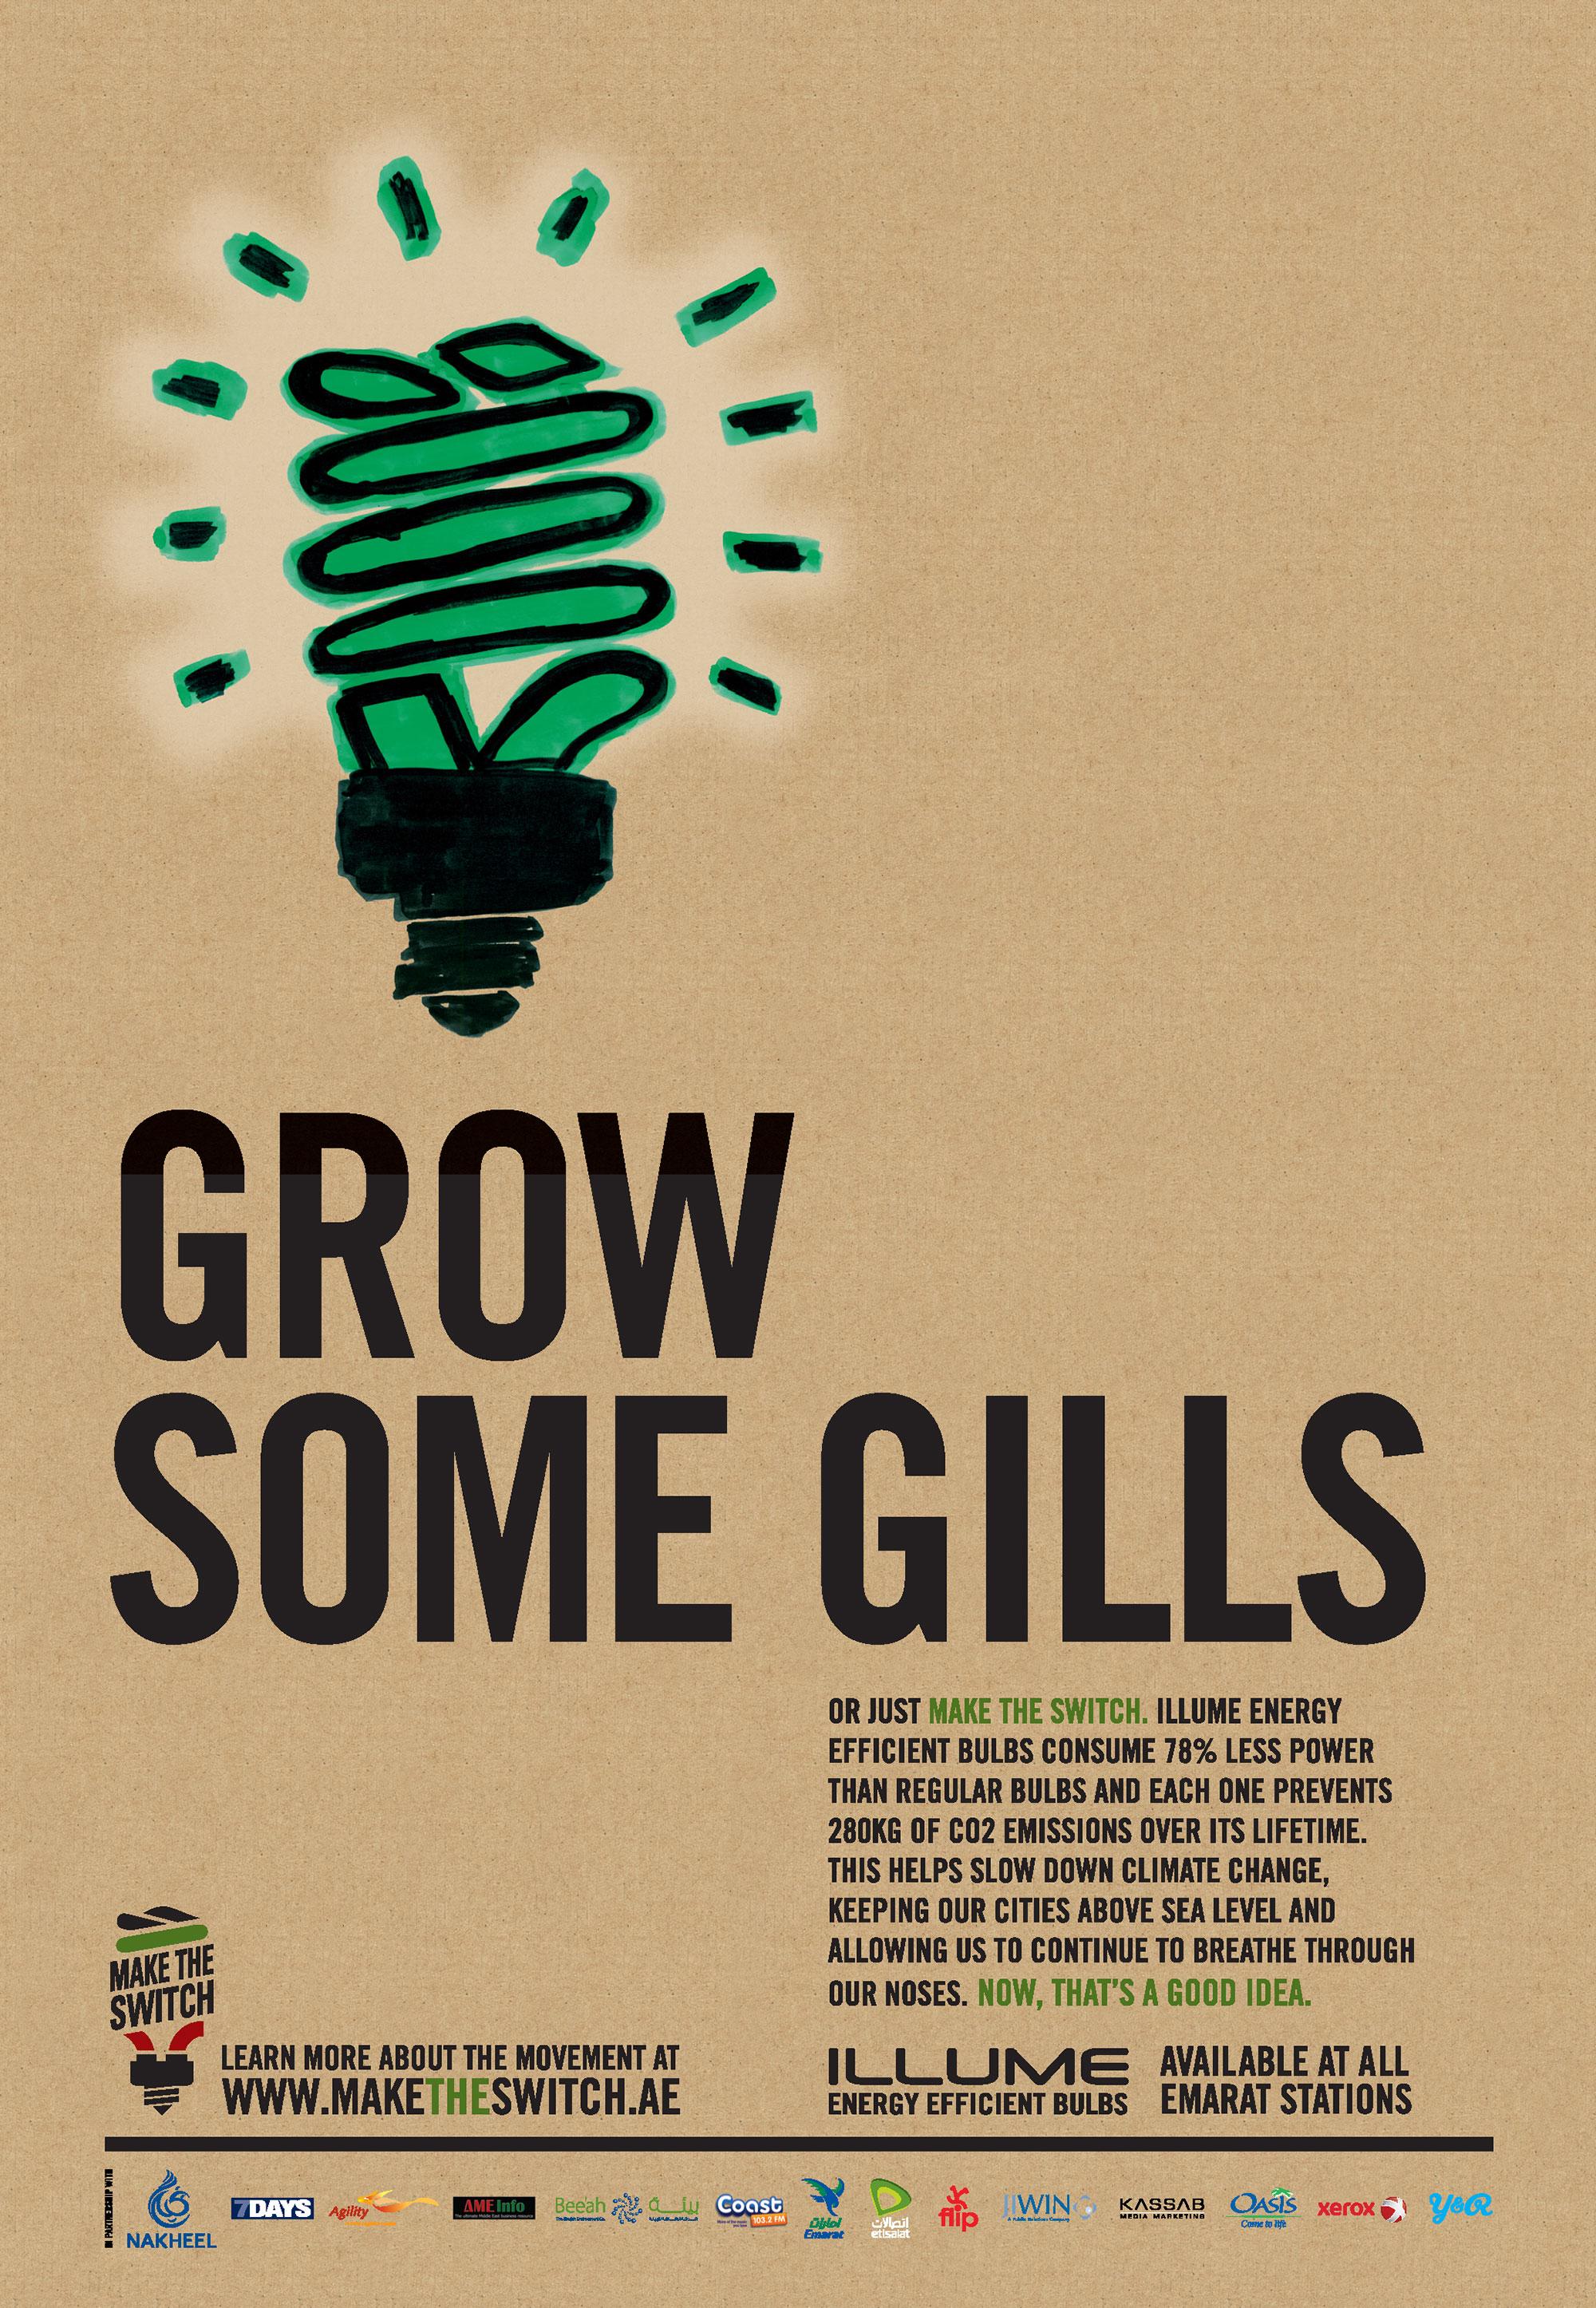 Grow some gills.